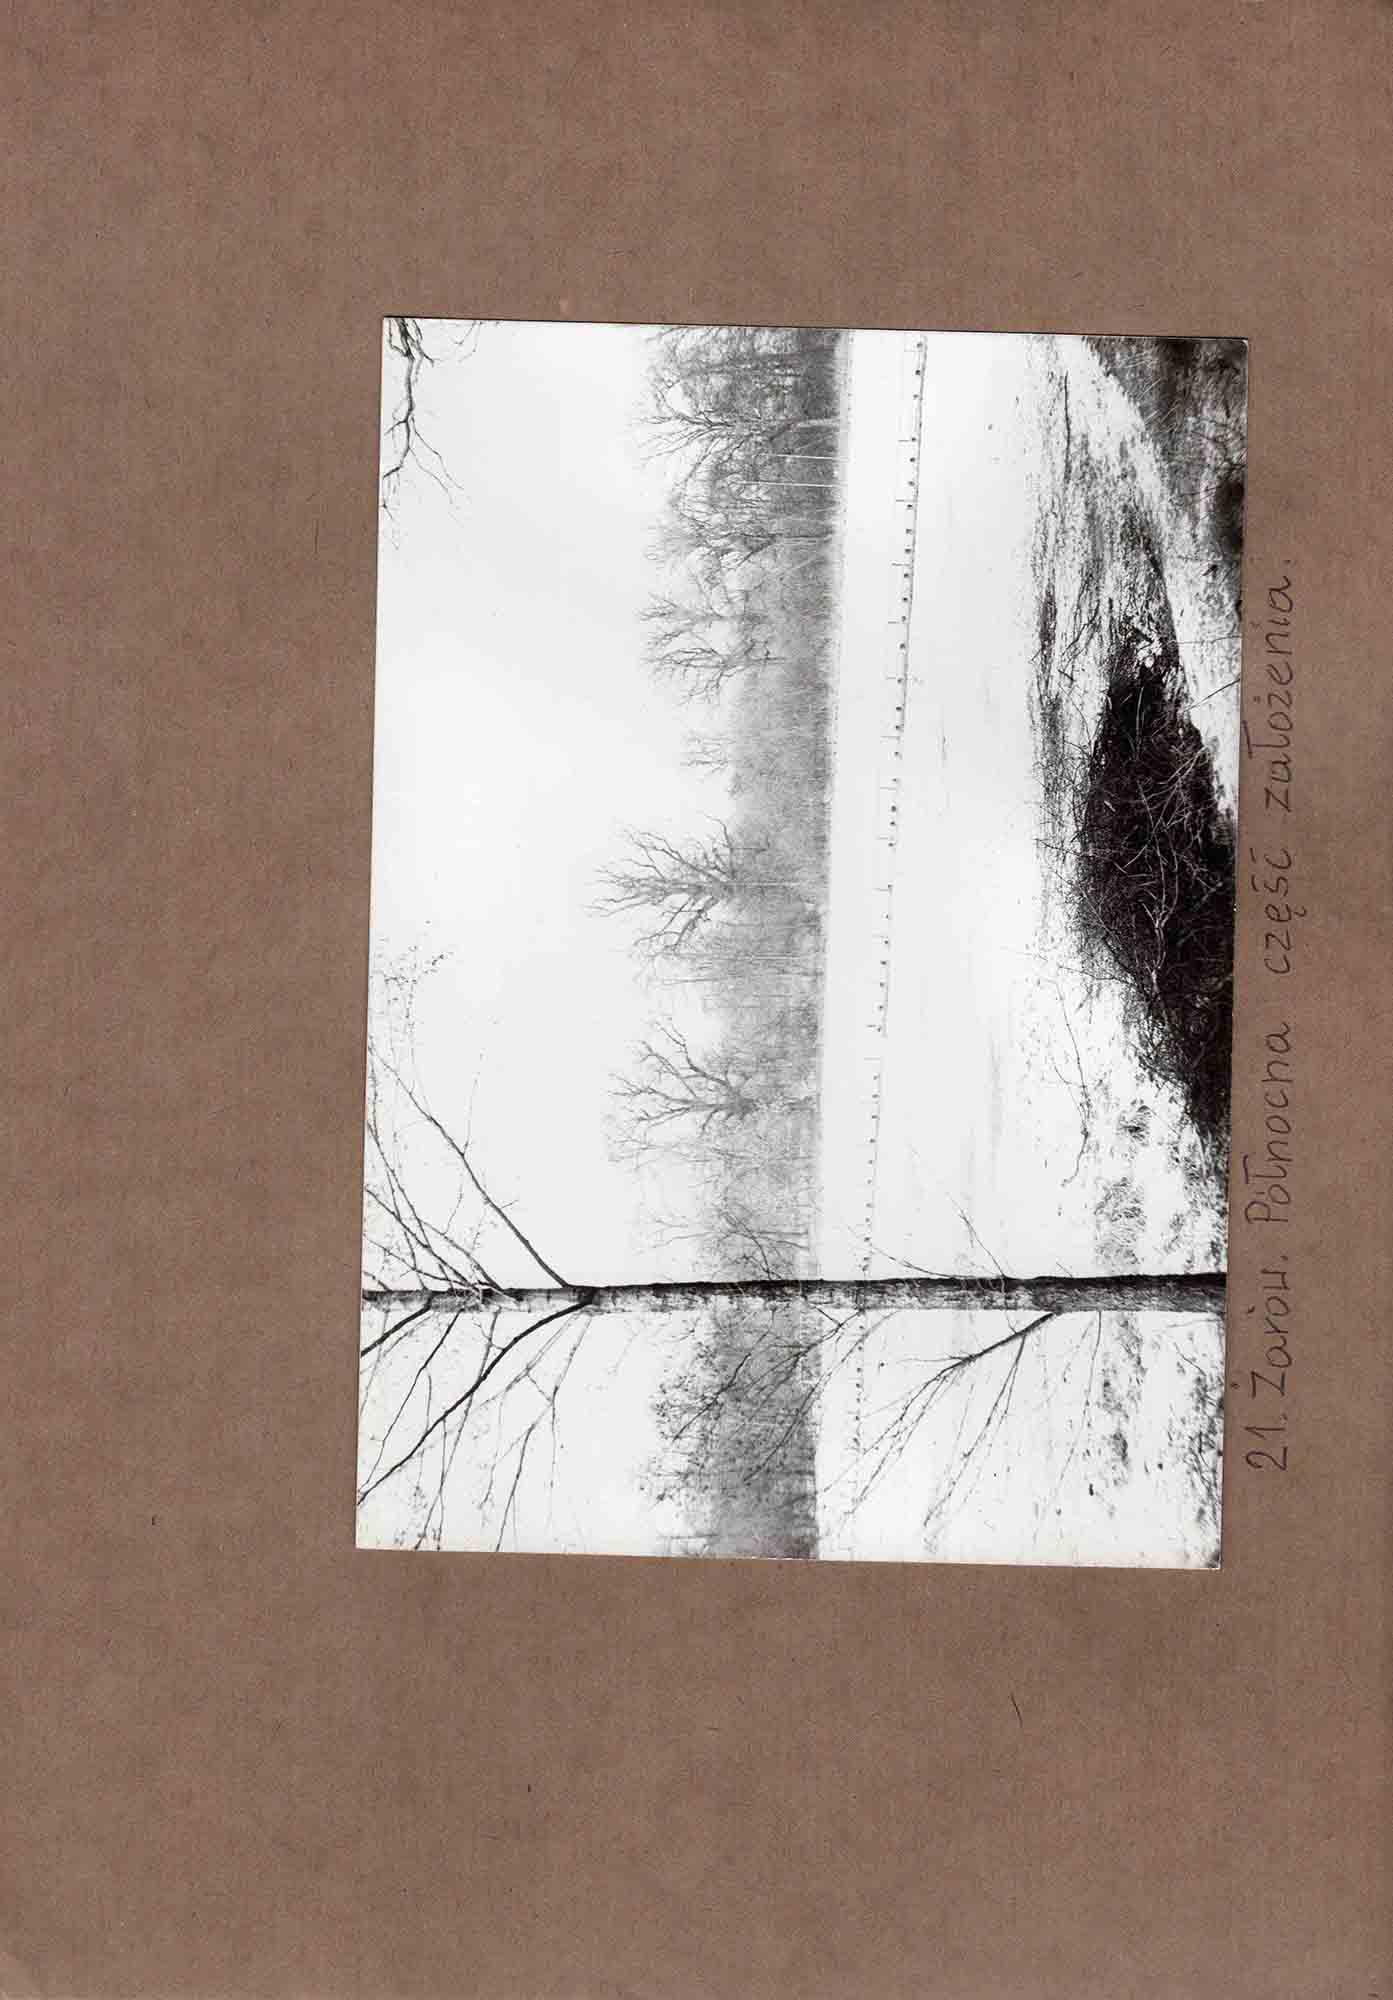 Ewidencja założenia ogrodowo-parkowego 1987 dokument (35)